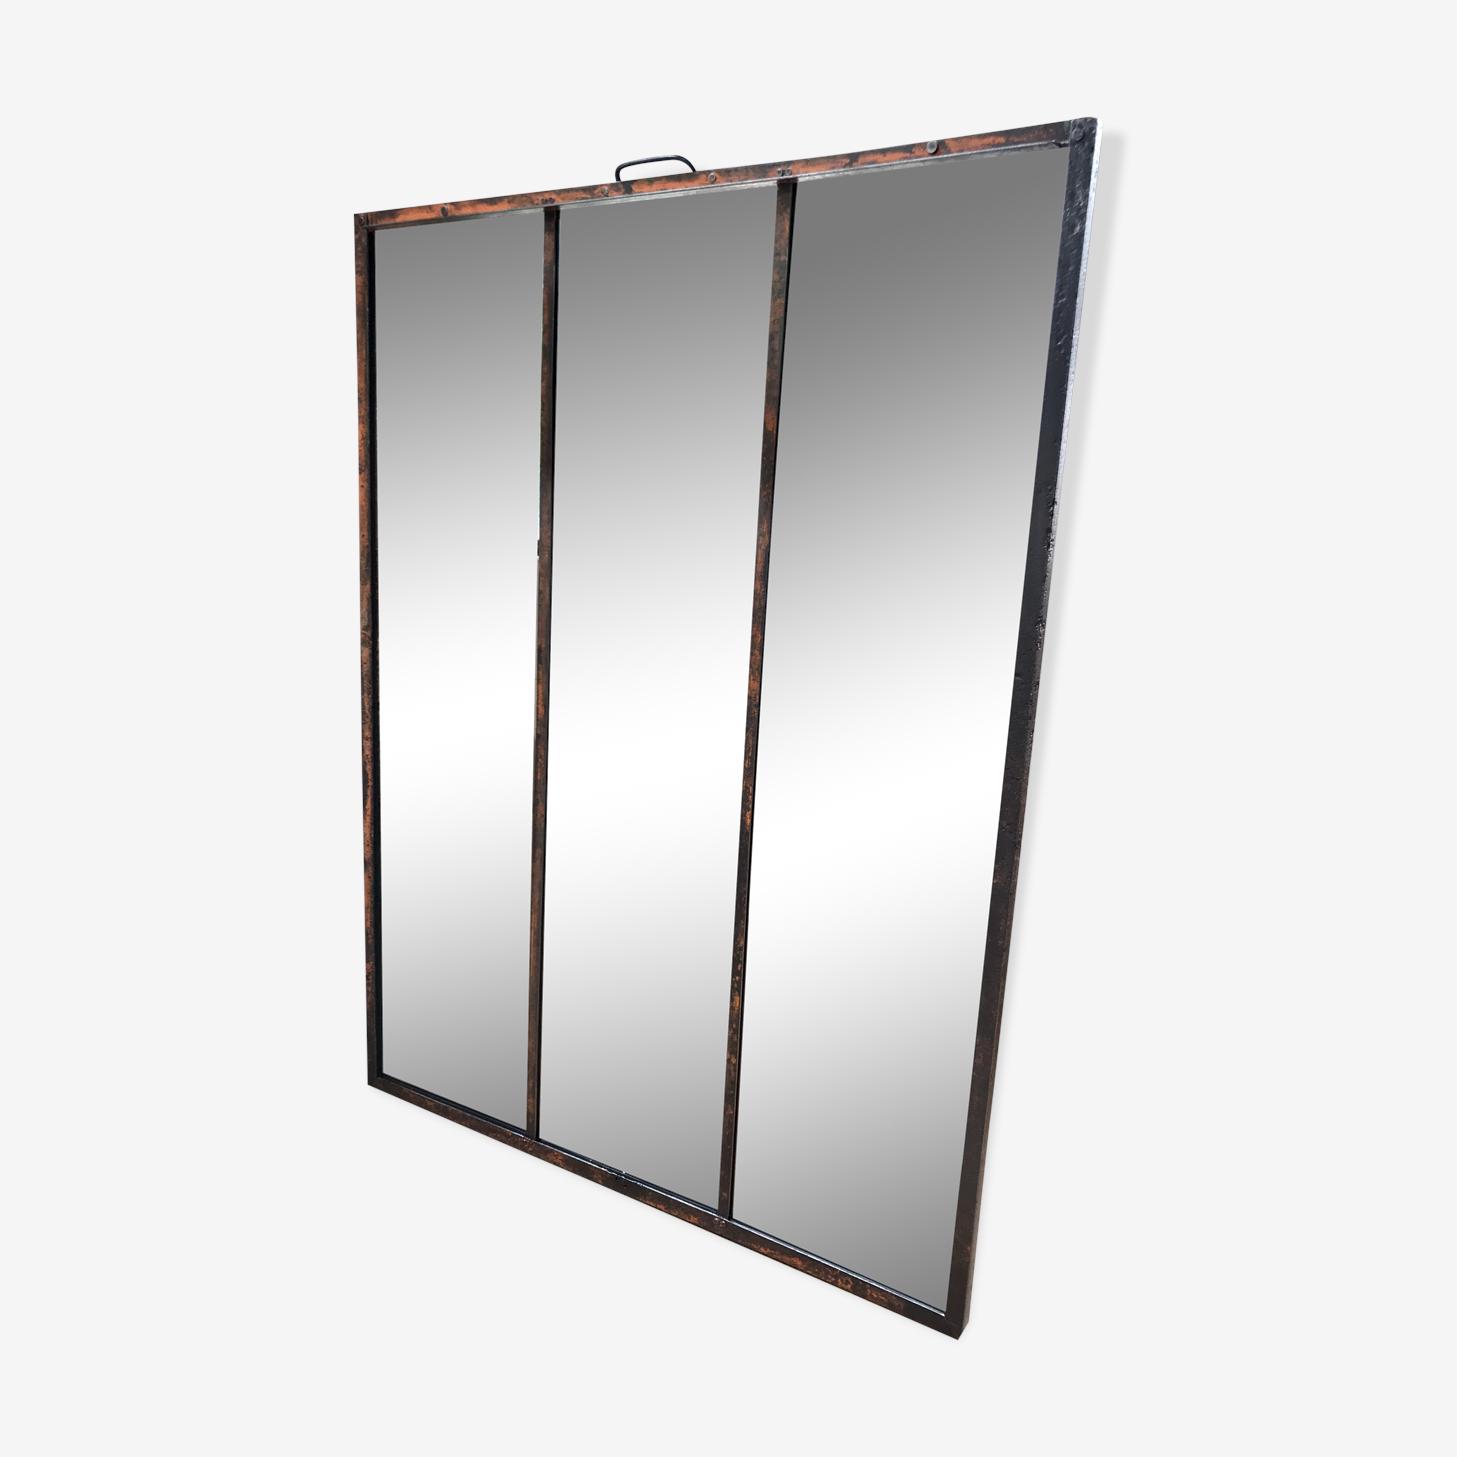 Miroir industriel riveté 100x134cm